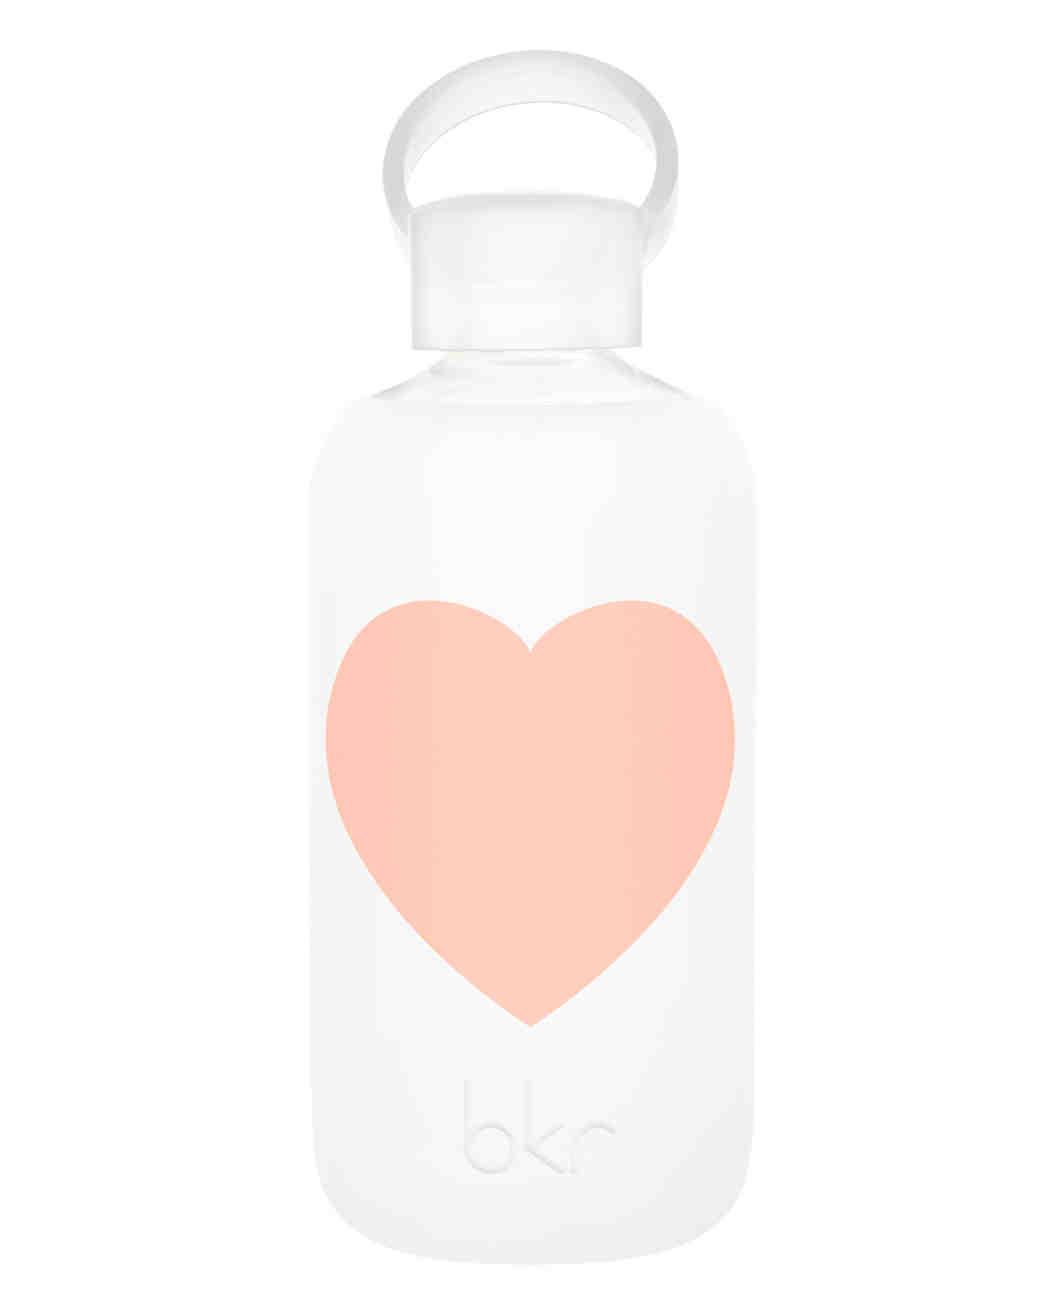 valentines-gift-guide-her-bkr-momo-heart-0115.jpg